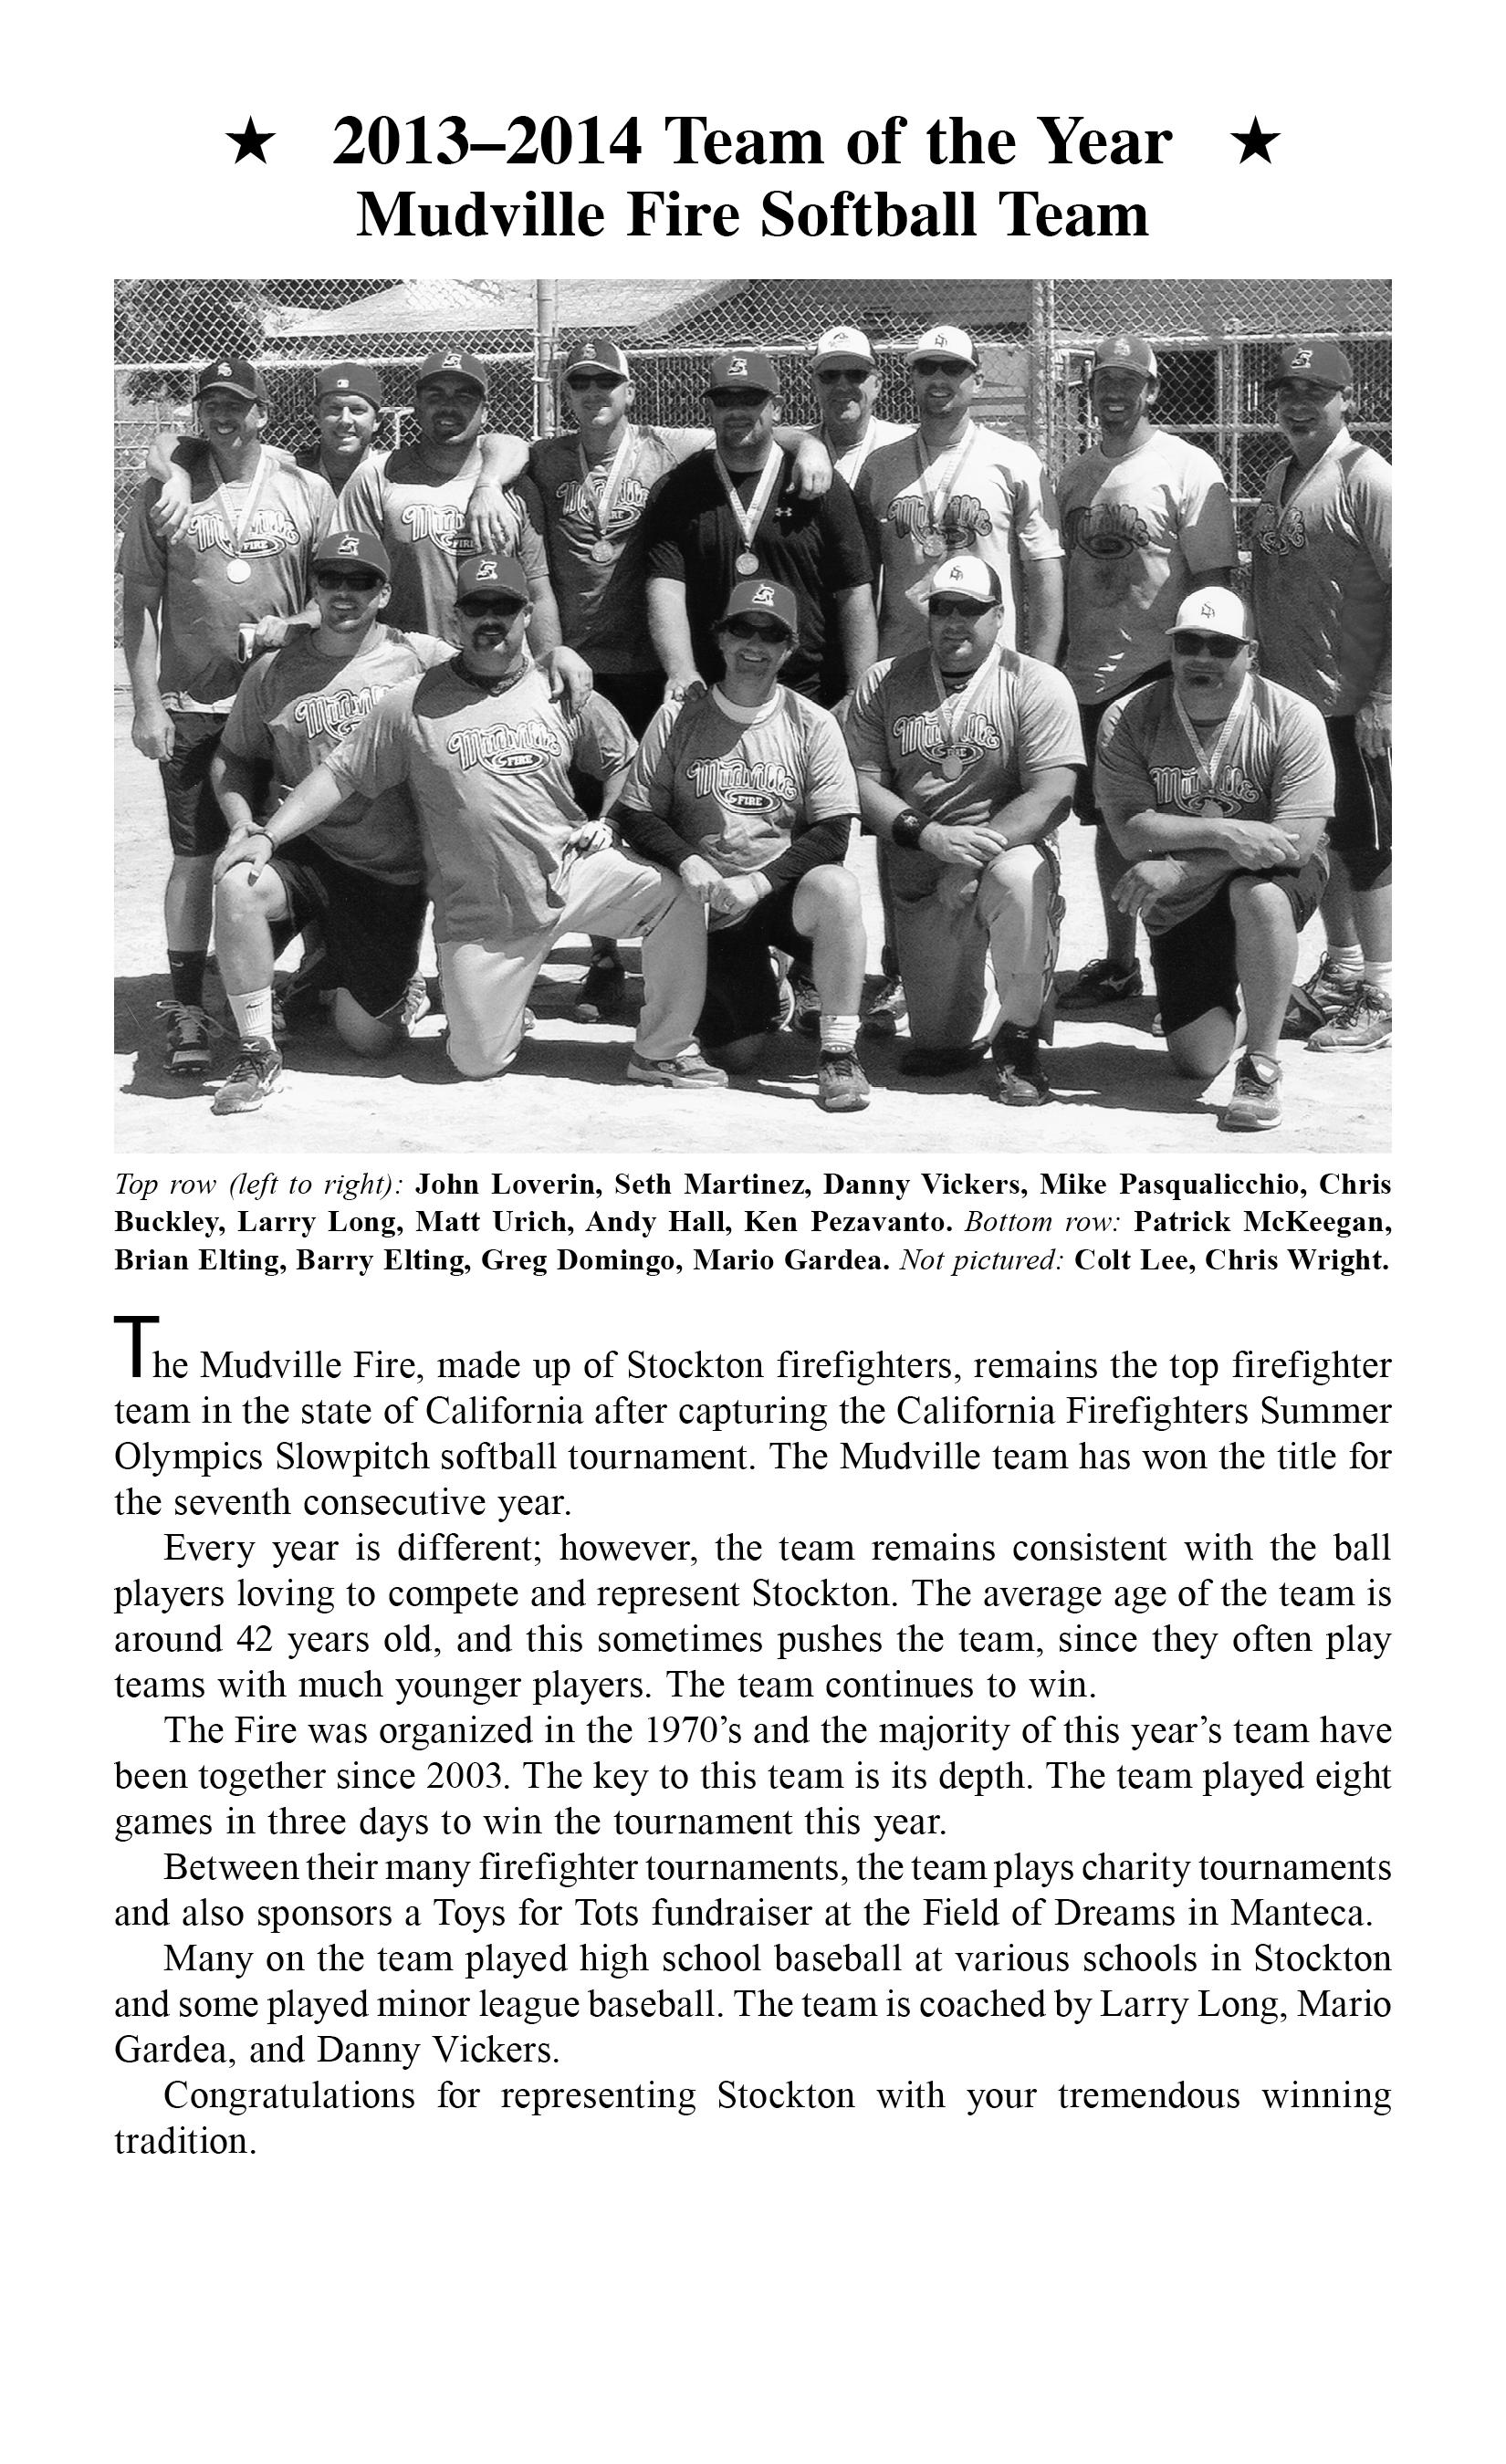 13-14 mudville fire softball team